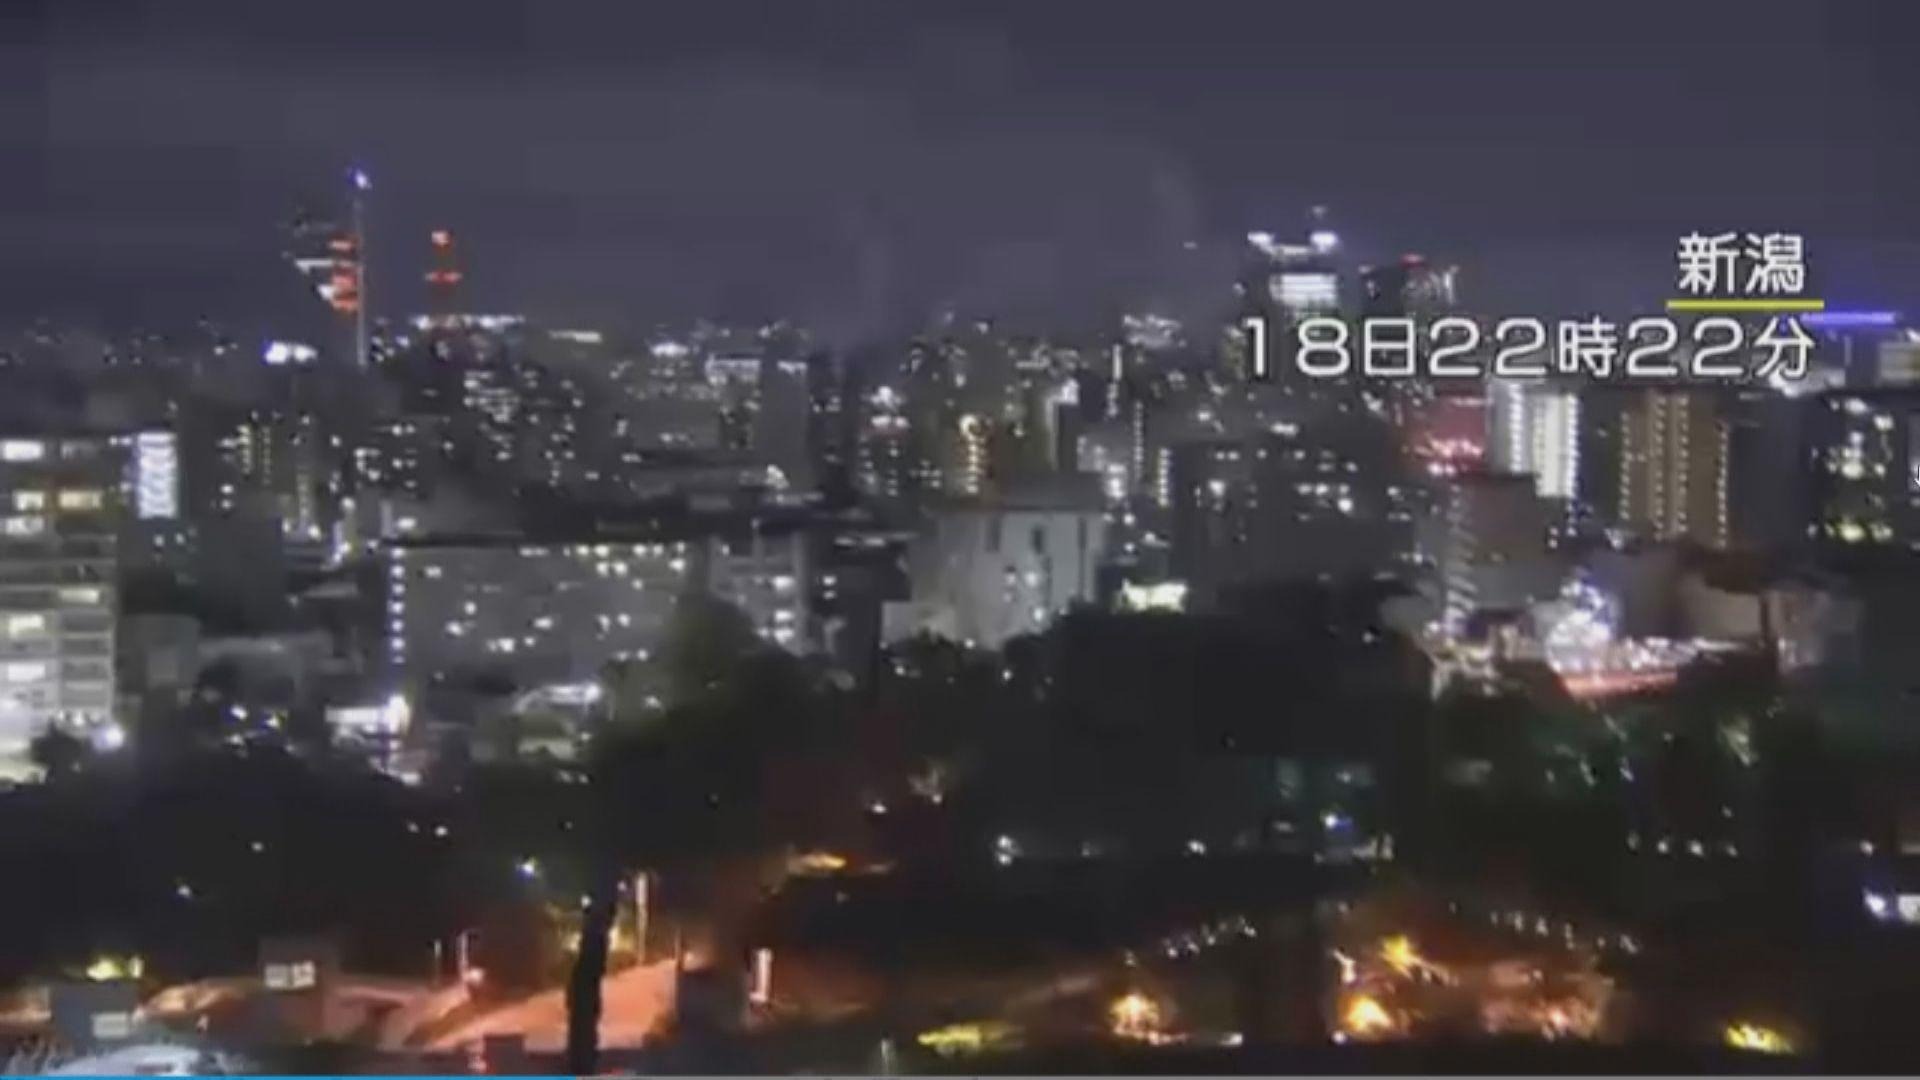 日本新潟6.8級地震 當地數千戶停電